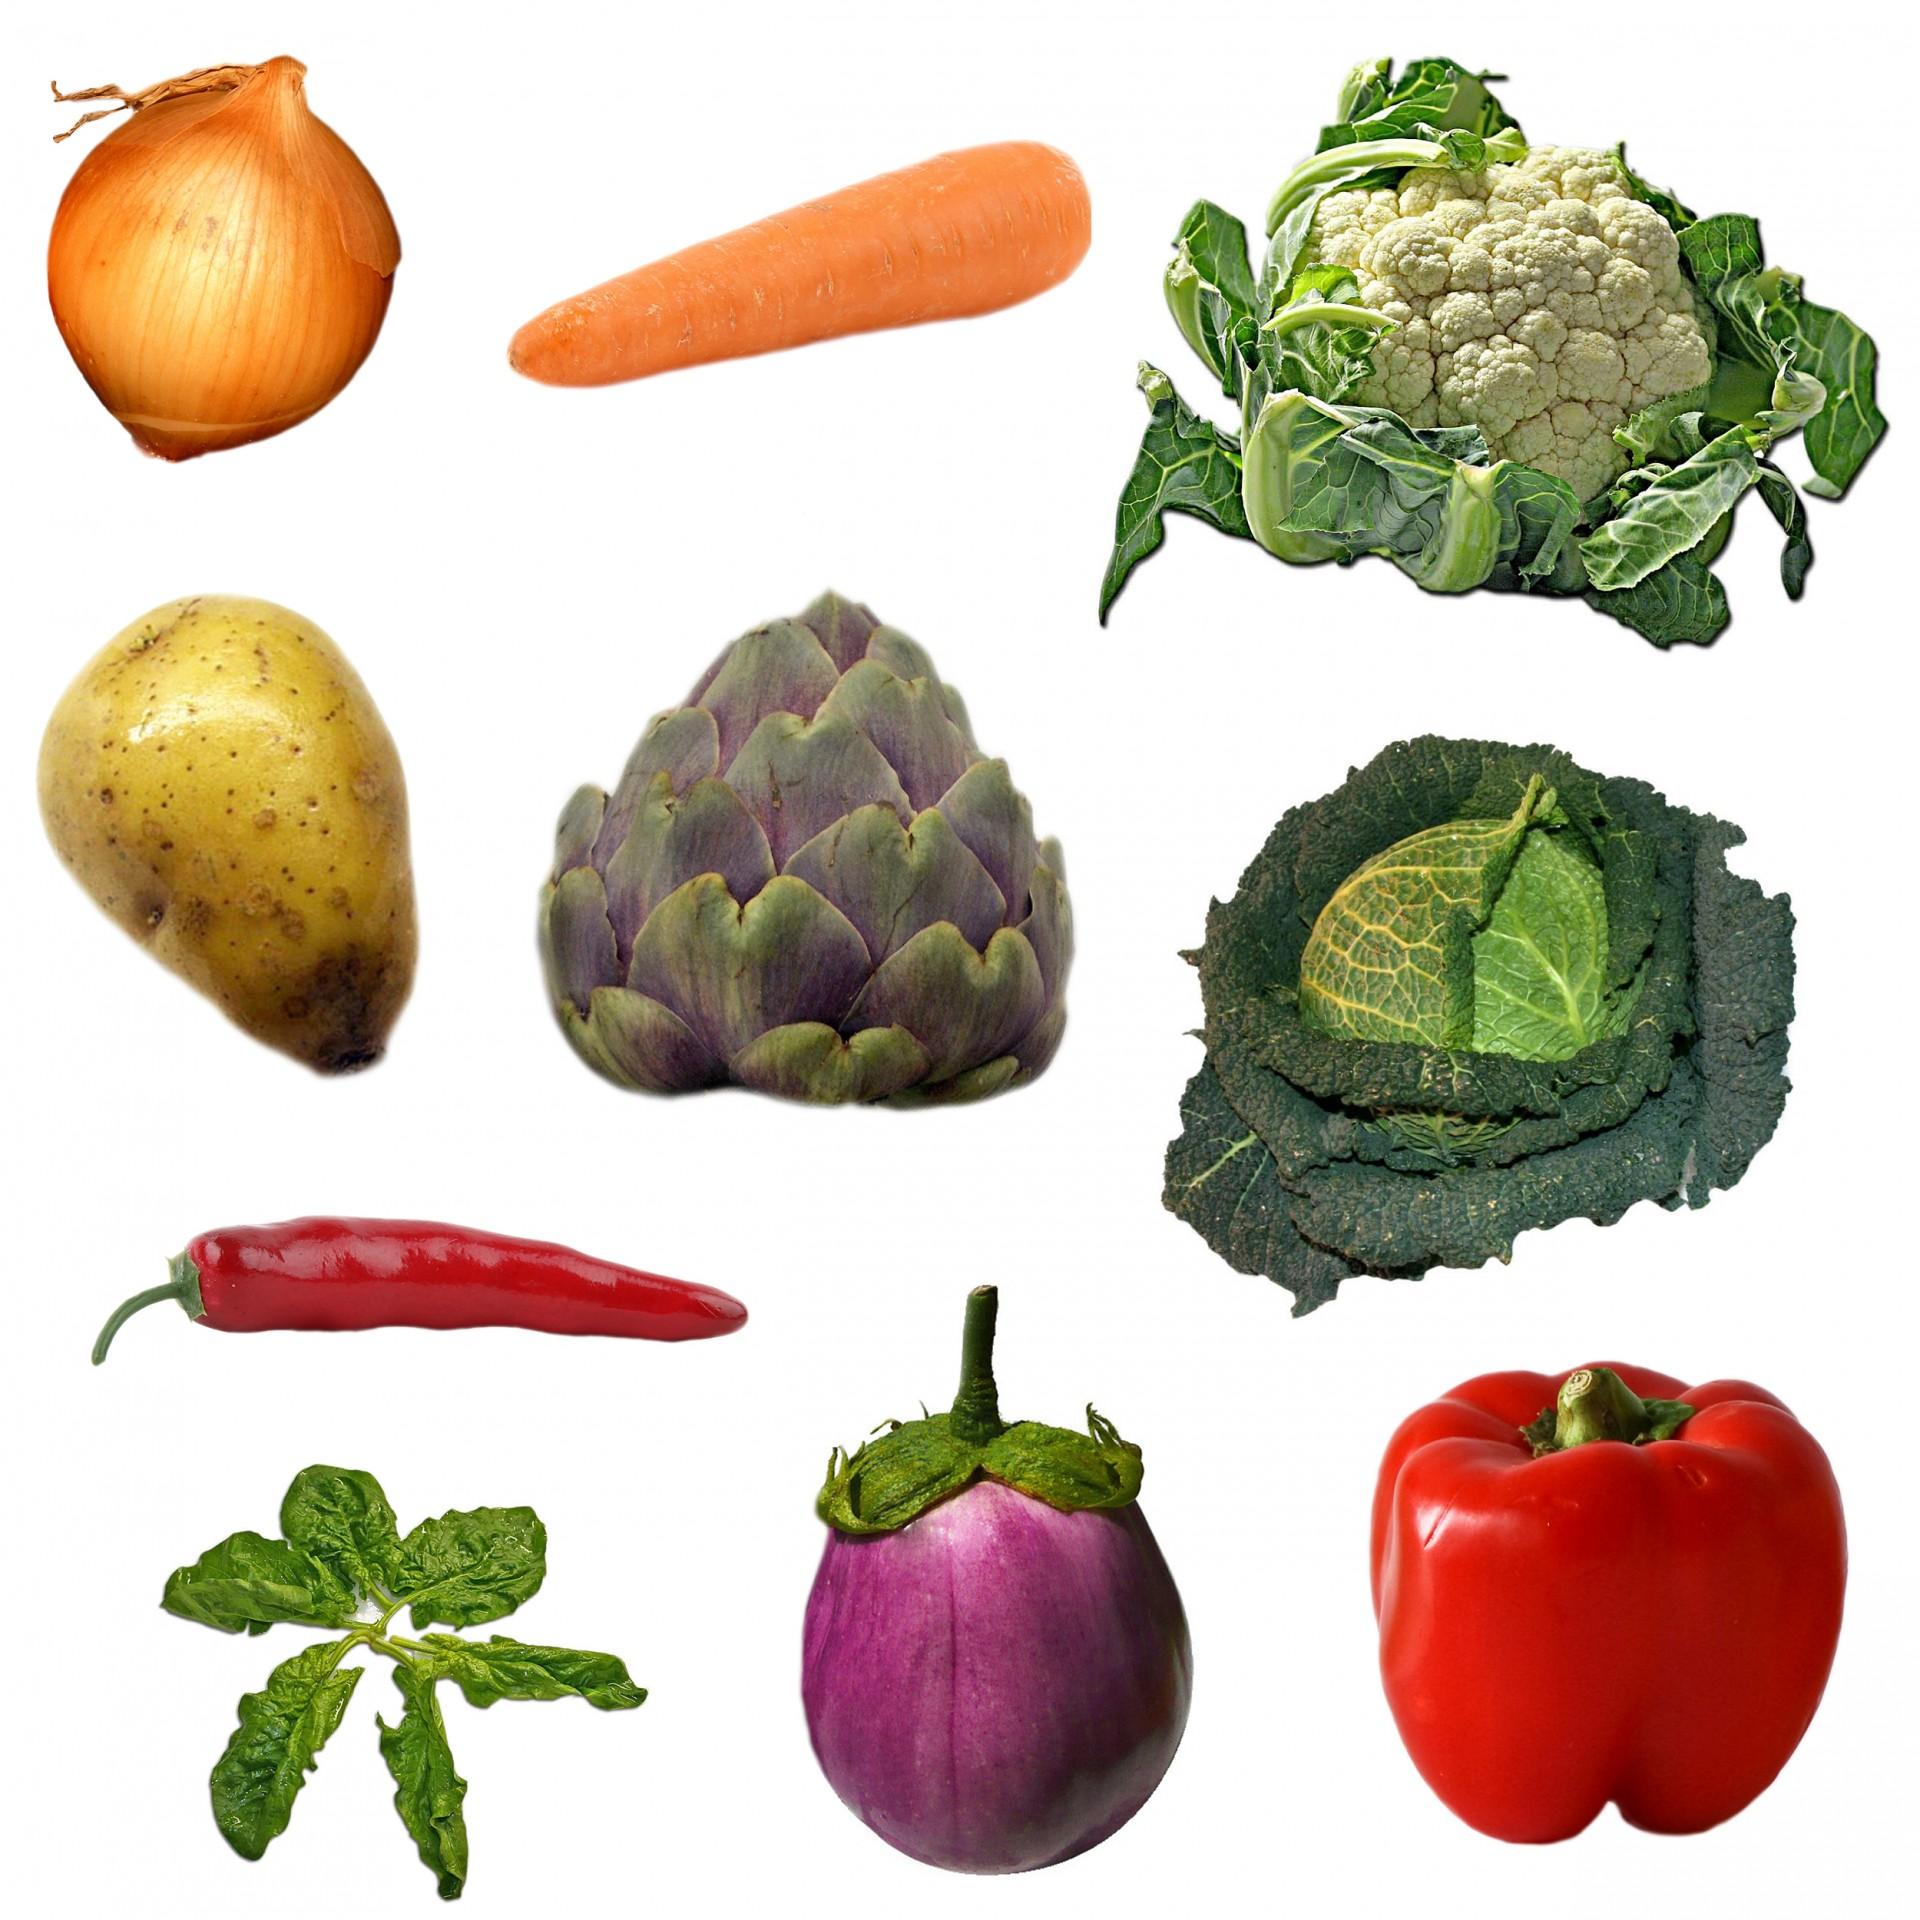 vegetables-on-white-background.jpg